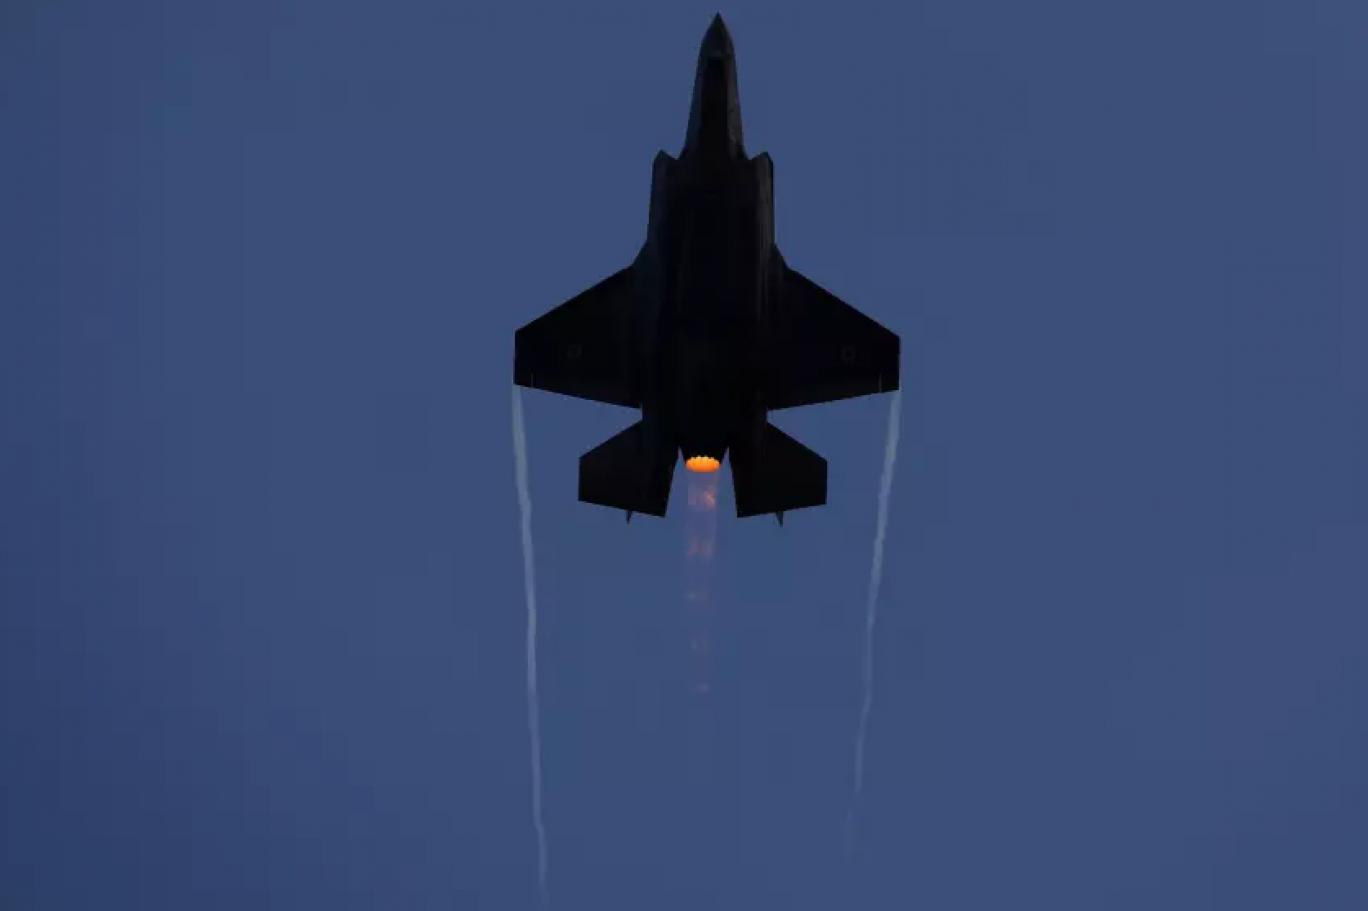 مصدر أمني للميادين: طائرات اسرائيلية شنت غارات على الحدود العراقية-السورية